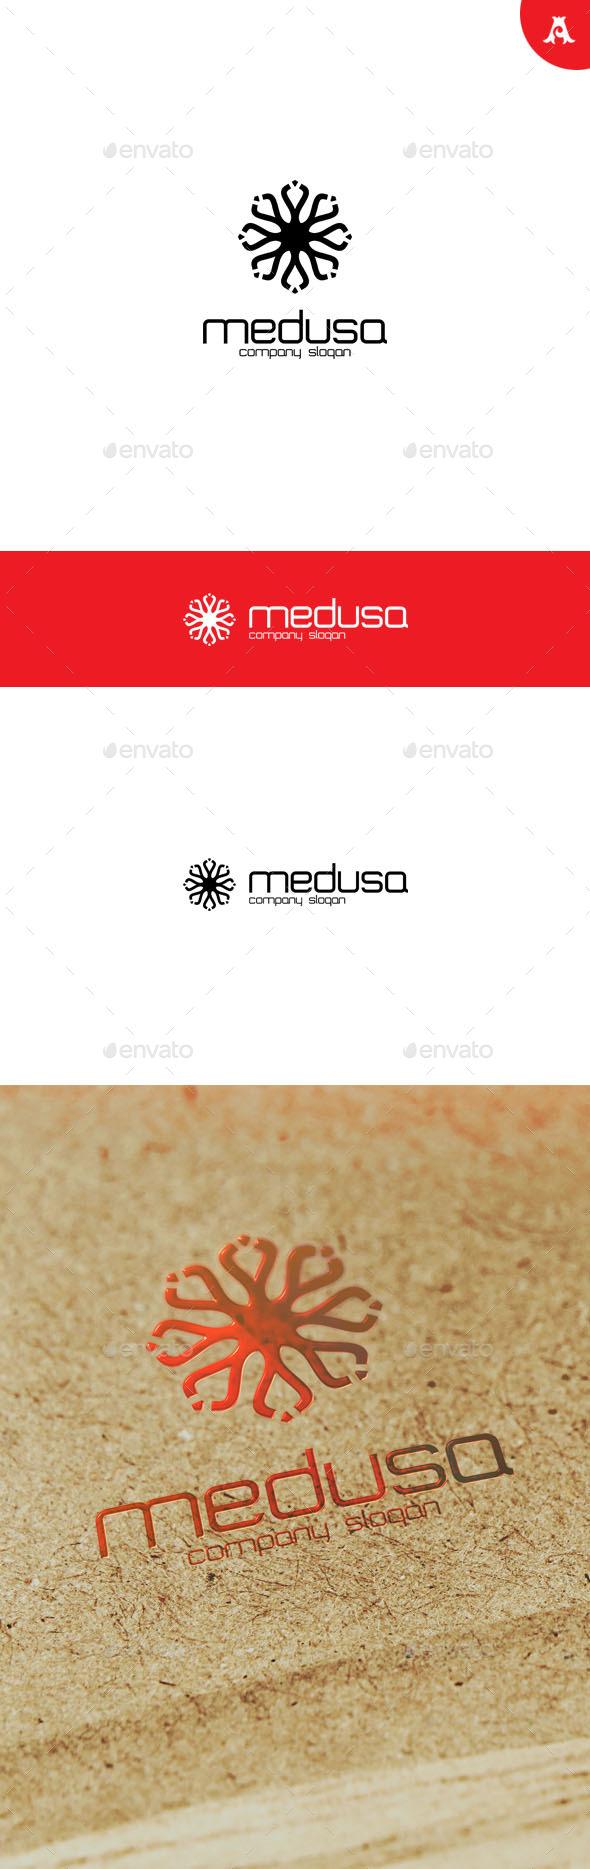 GraphicRiver Medusa Logo 10025846